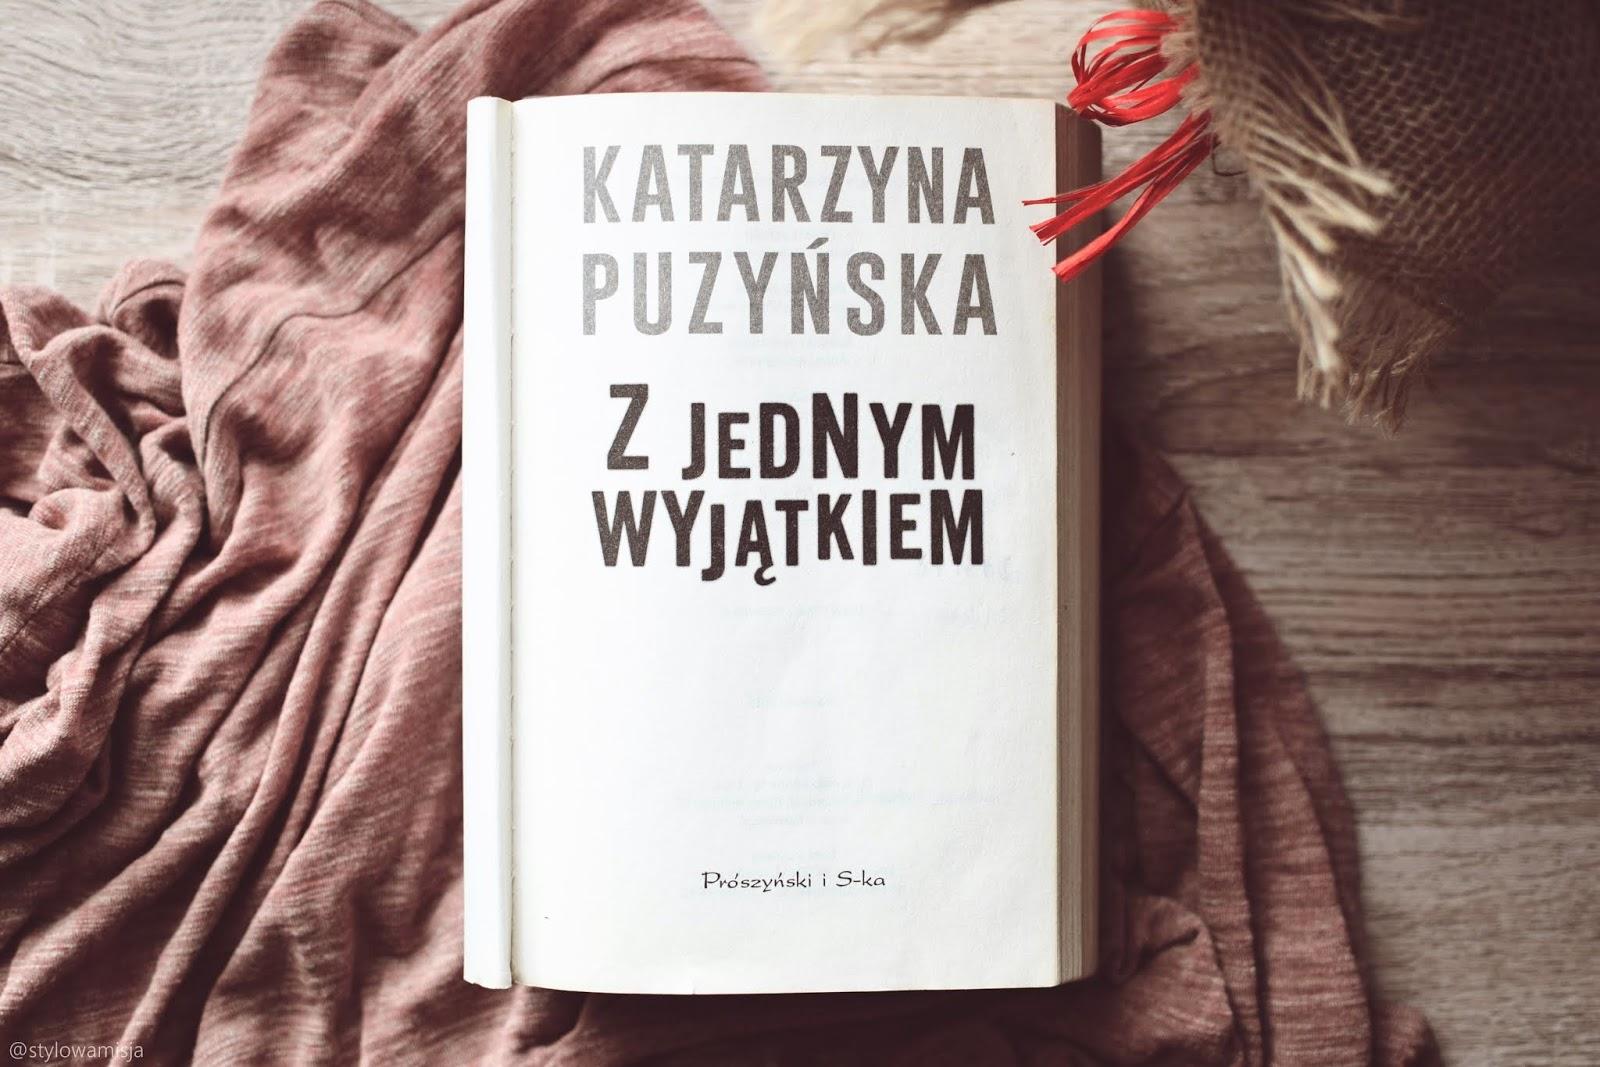 Lipowo, seria, książka, kryminał, psychologiczny, ZJednymWyjątkiem, KatarzynaPuzyńska, opowiadanie, recenzja,